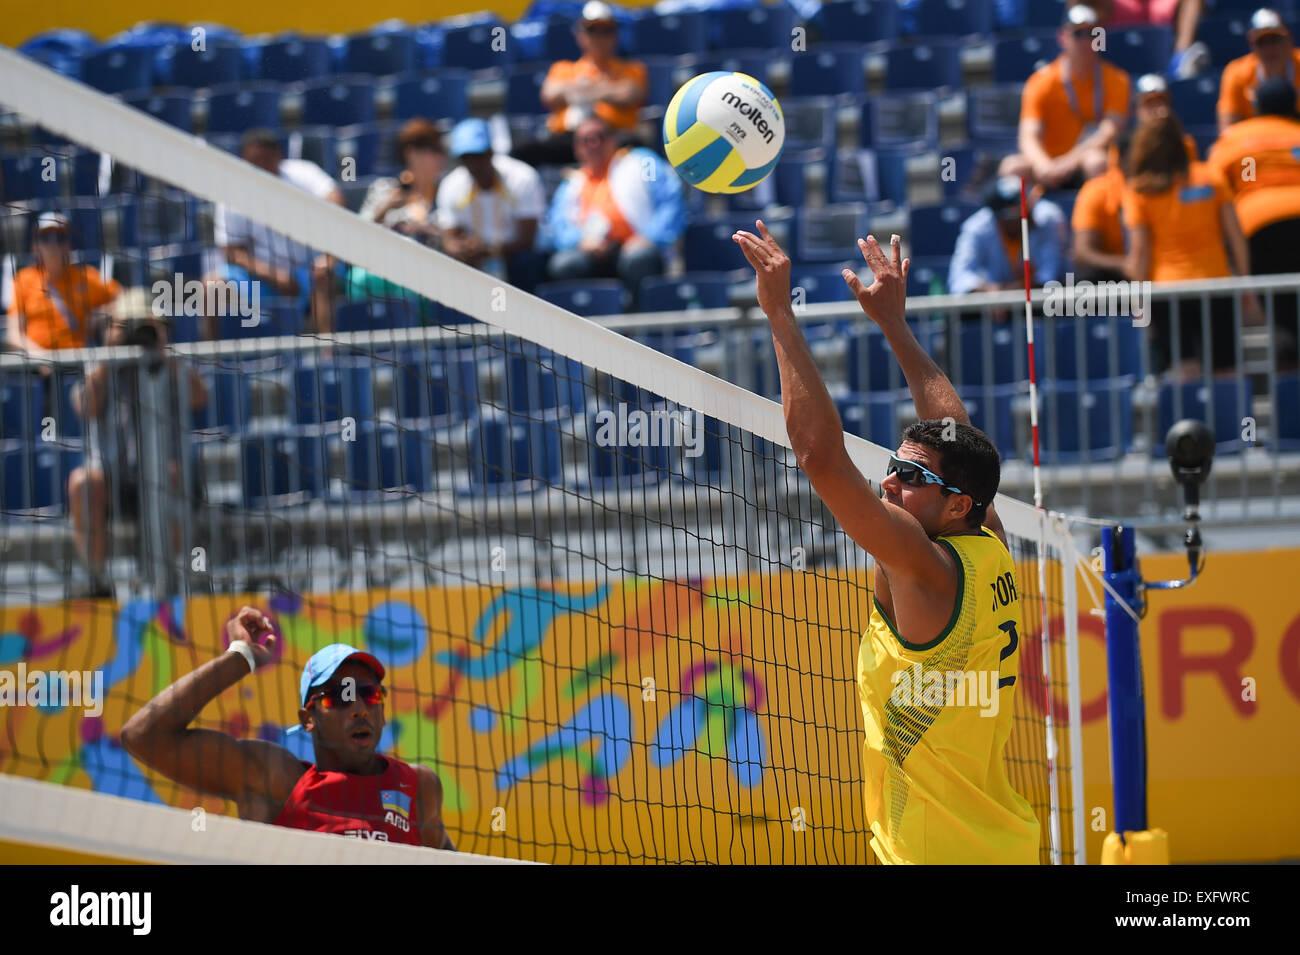 Toronto, Ontario, Canada. Le 13 juillet, 2015. Men's beach-volley match au Jeux Panaméricains de 2015 à Photo Stock